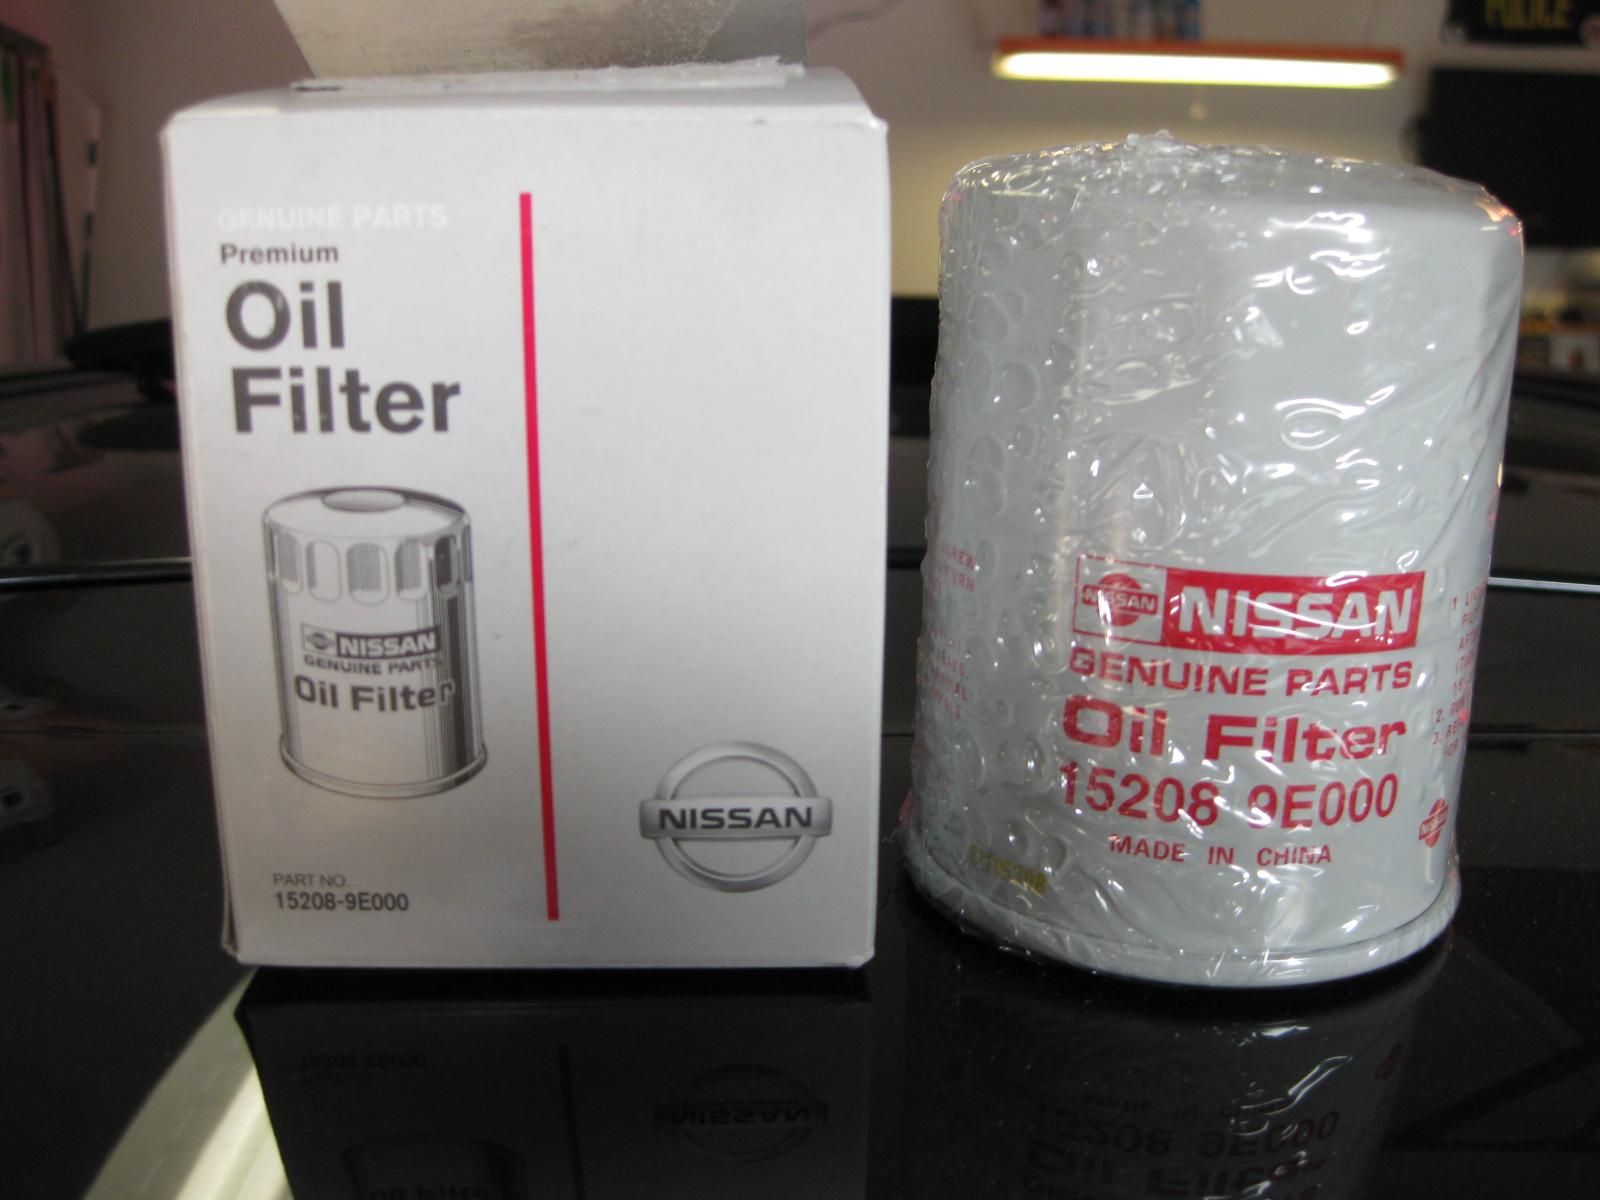 Nissan Oil Filter #15208-9E000-img_0669.jpg